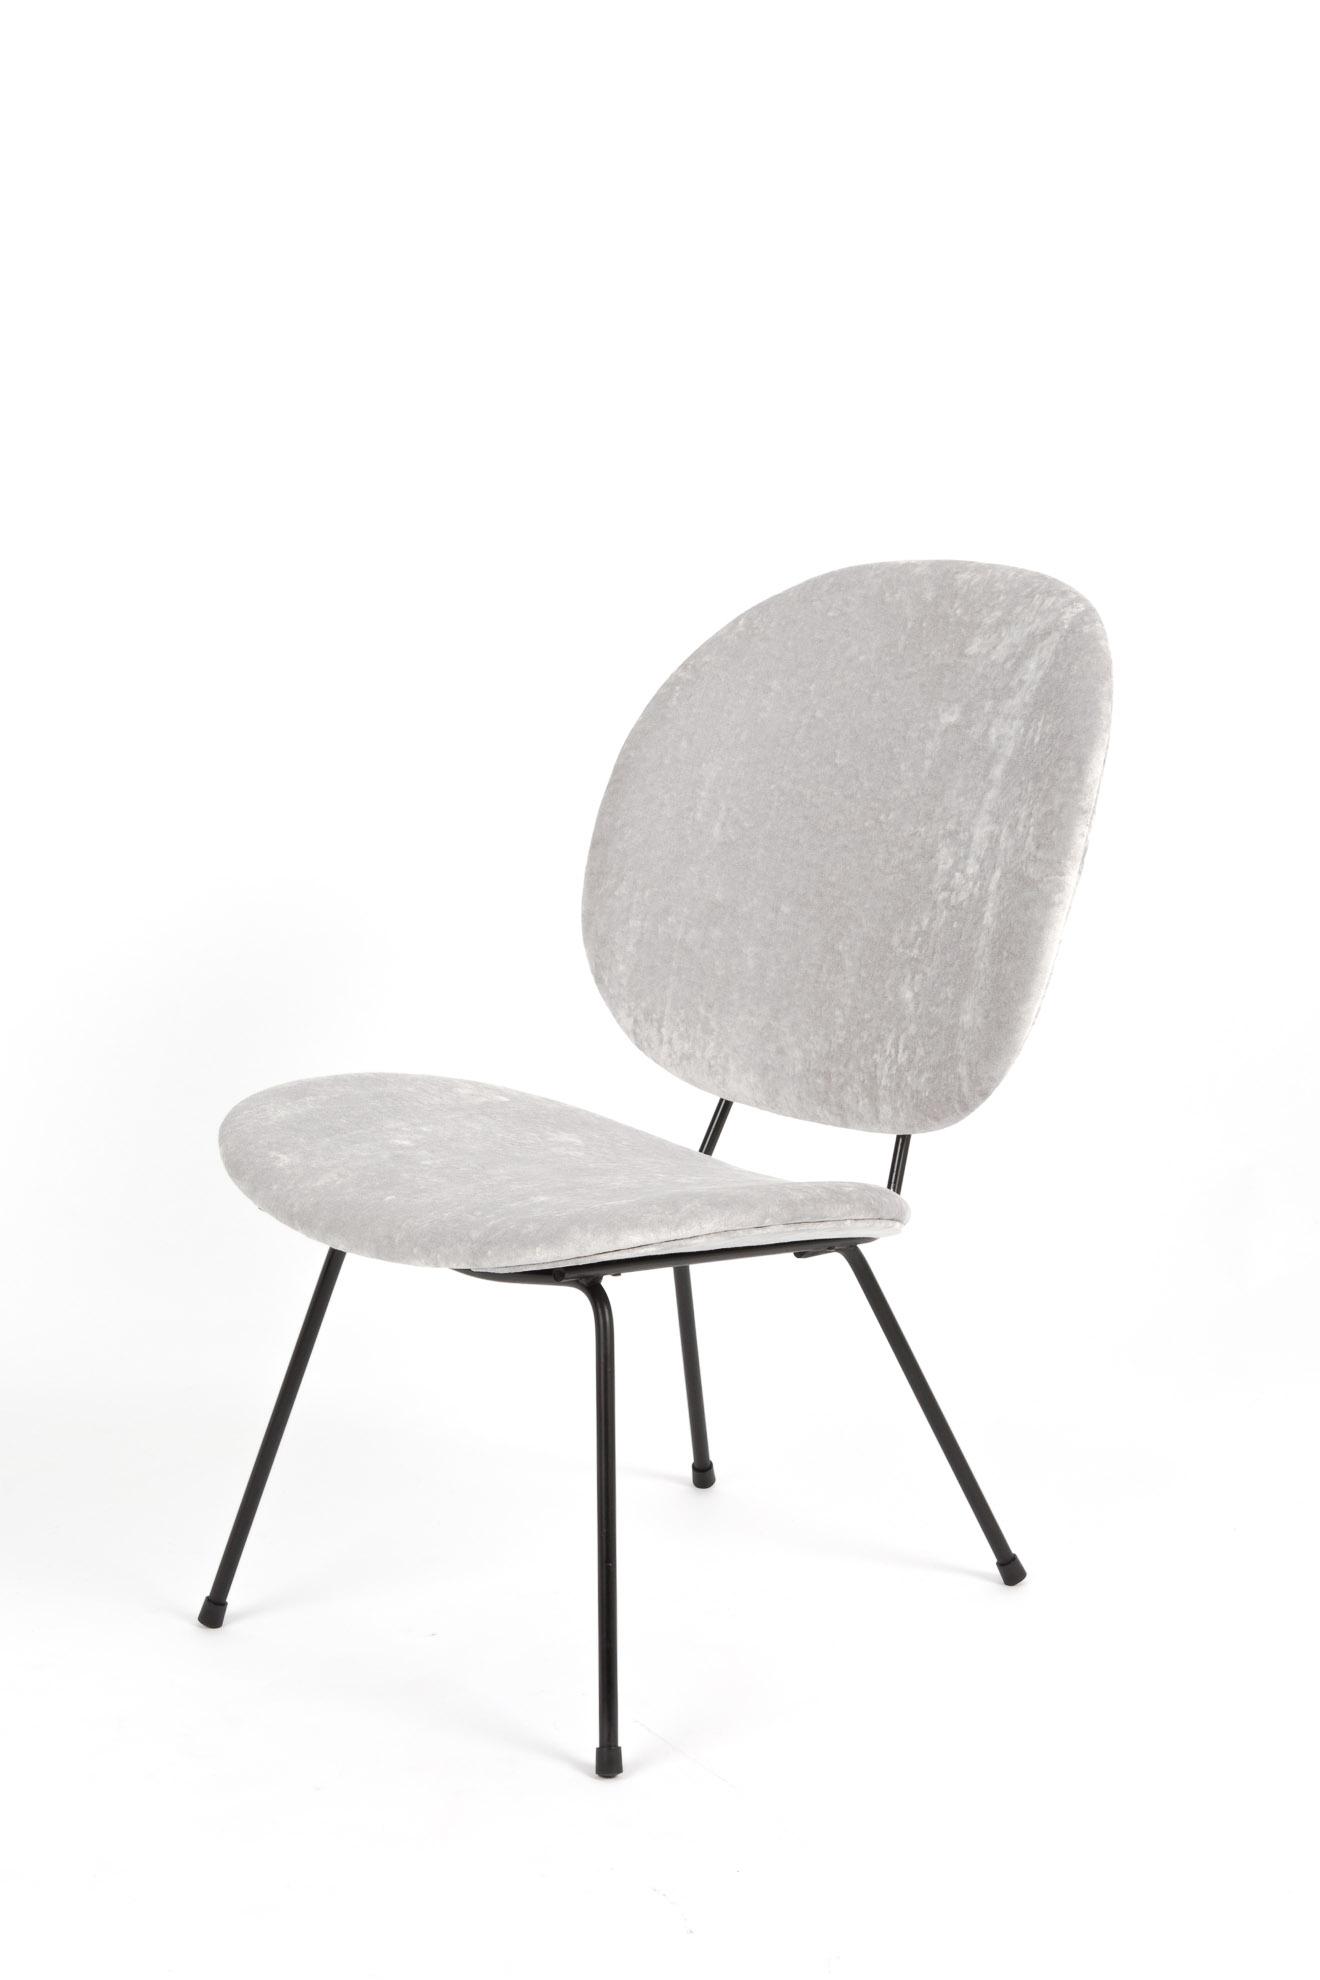 Dutch Design Stoelen Gispen.Gispen Lounge Chair 301 Kembo Dutch Design 50 Vintage Metal Frame